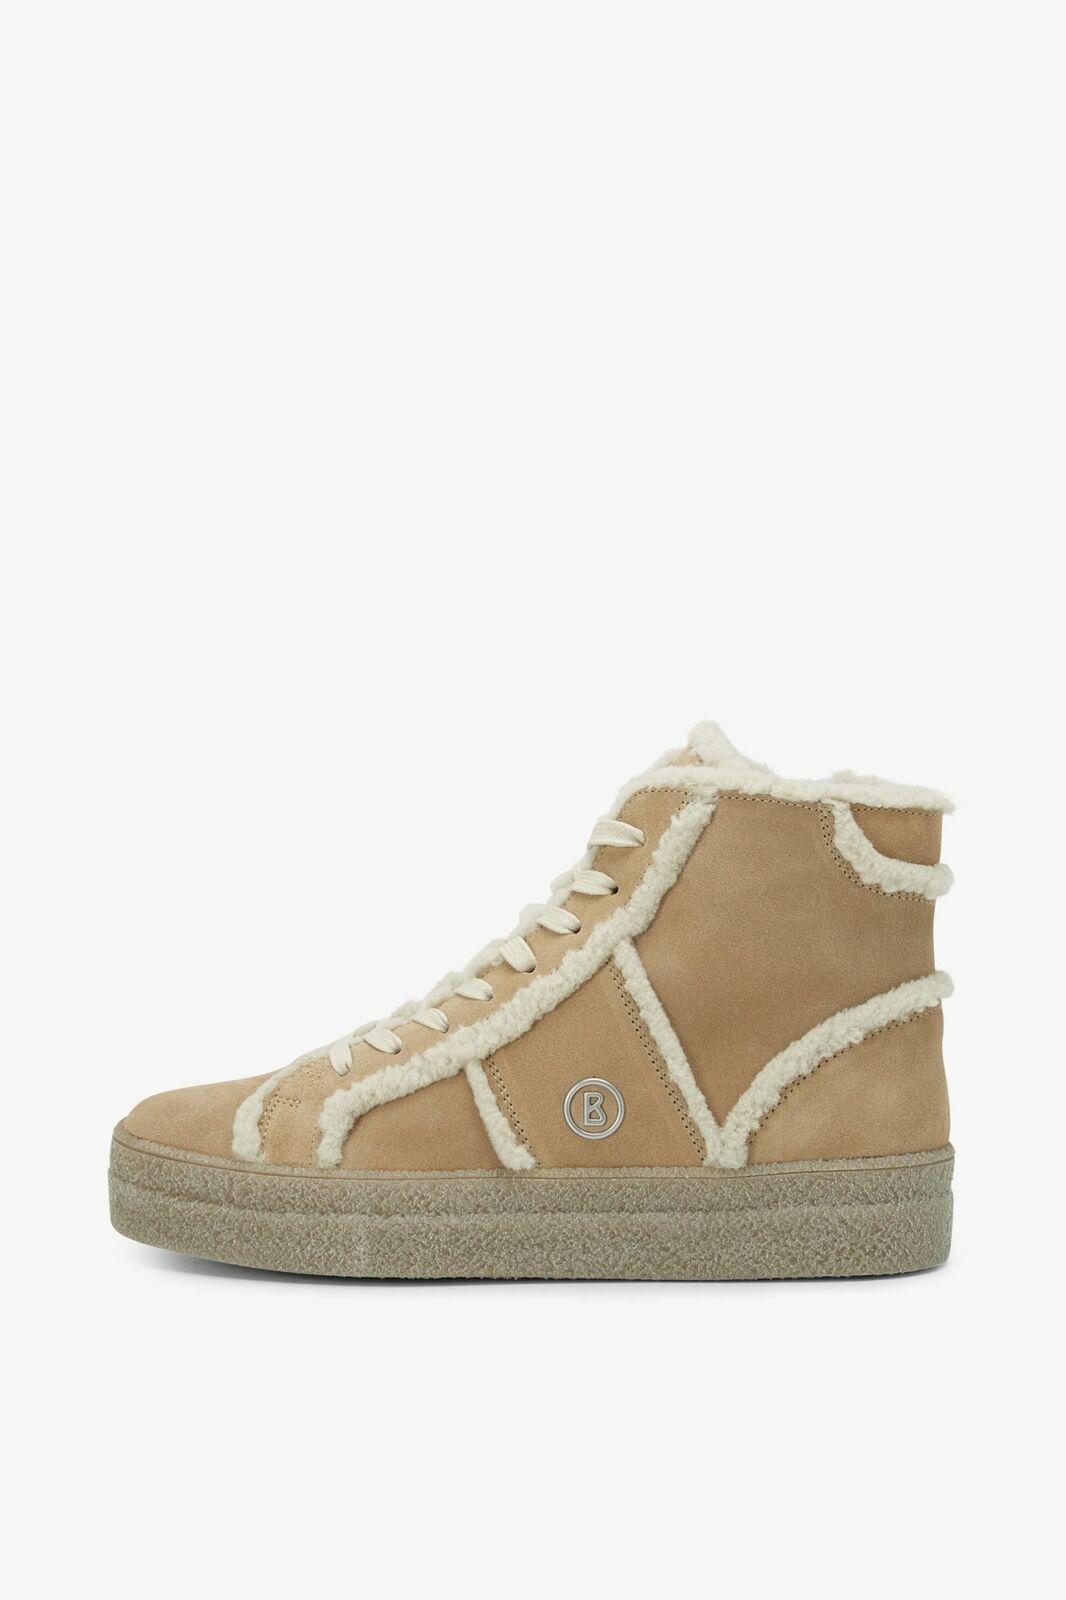 Bogner Womens Winter shoes Denver 2B, Size  36 EU to - 39 EU Beige